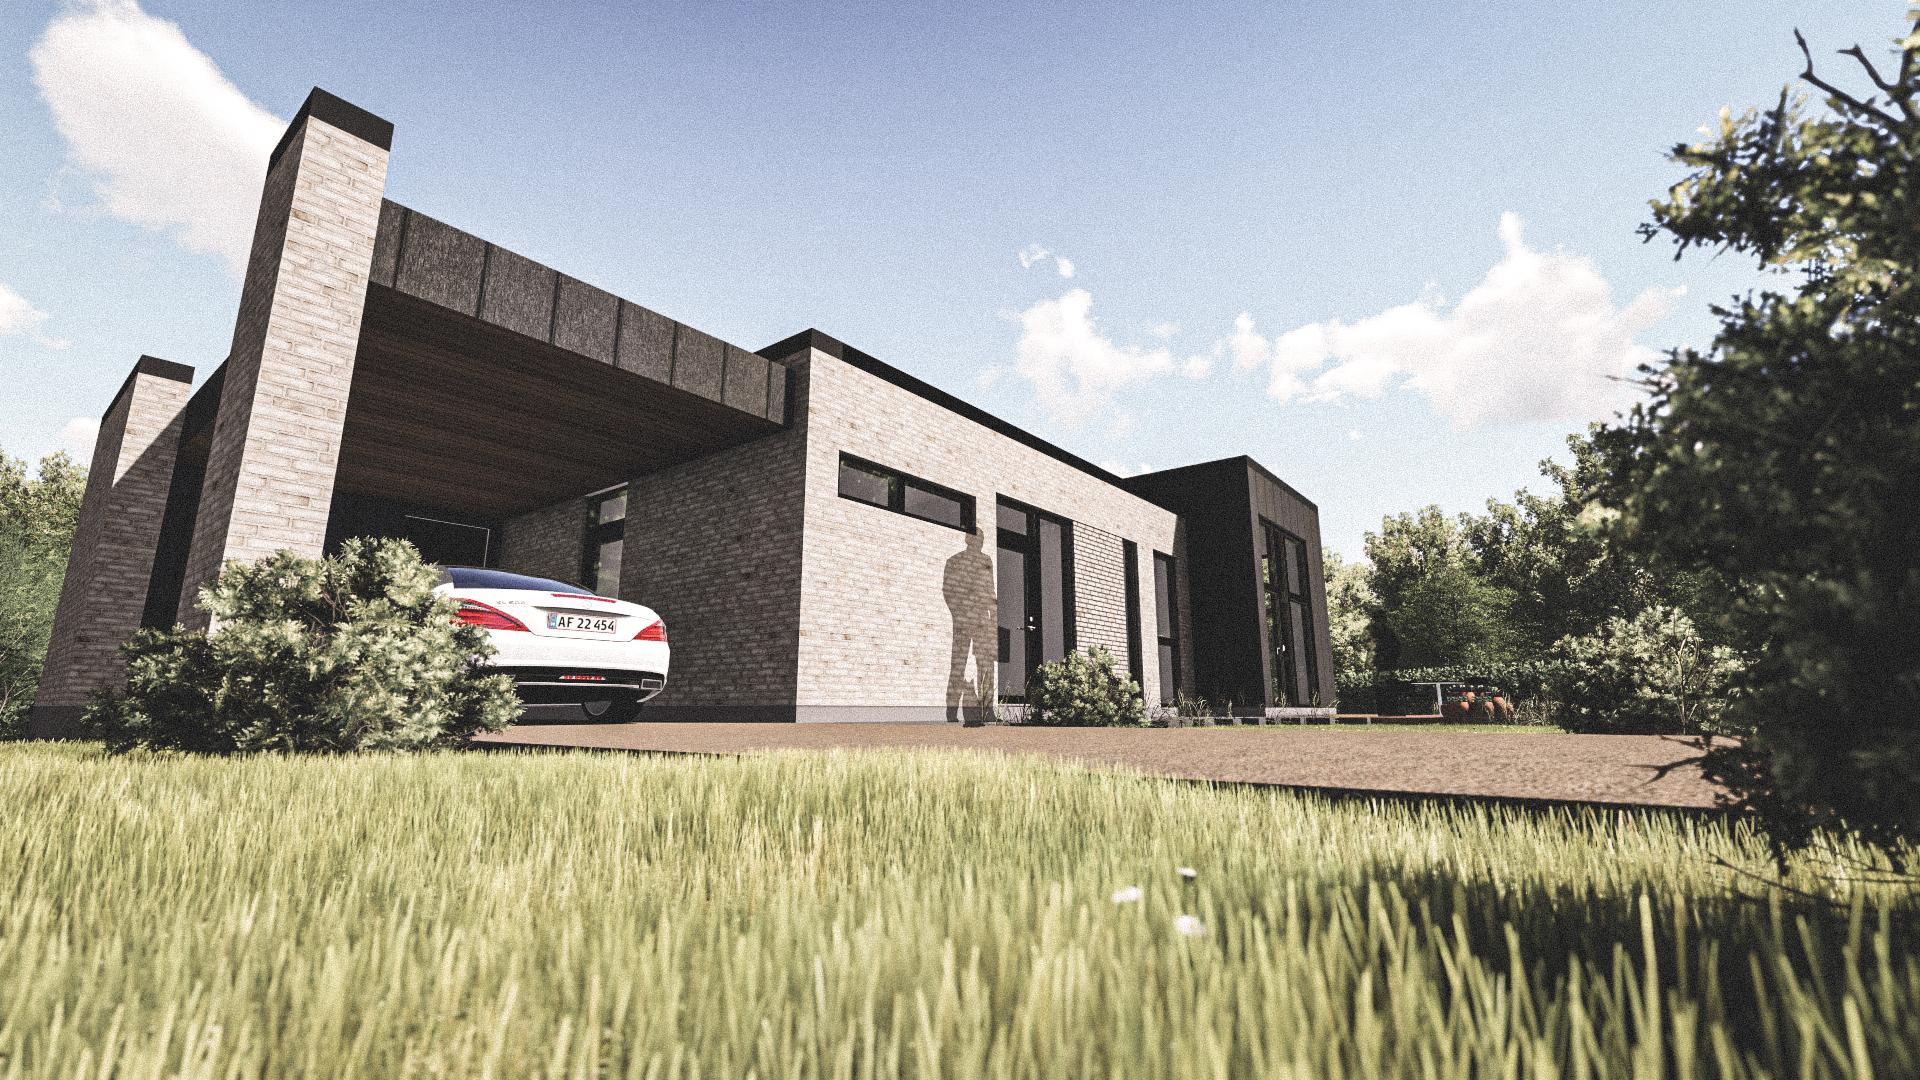 Billede af Dansk arkitekttegnet 1 plan villa af arkitektfirmaet m2plus, i Auning på 184 kvartratmeter.